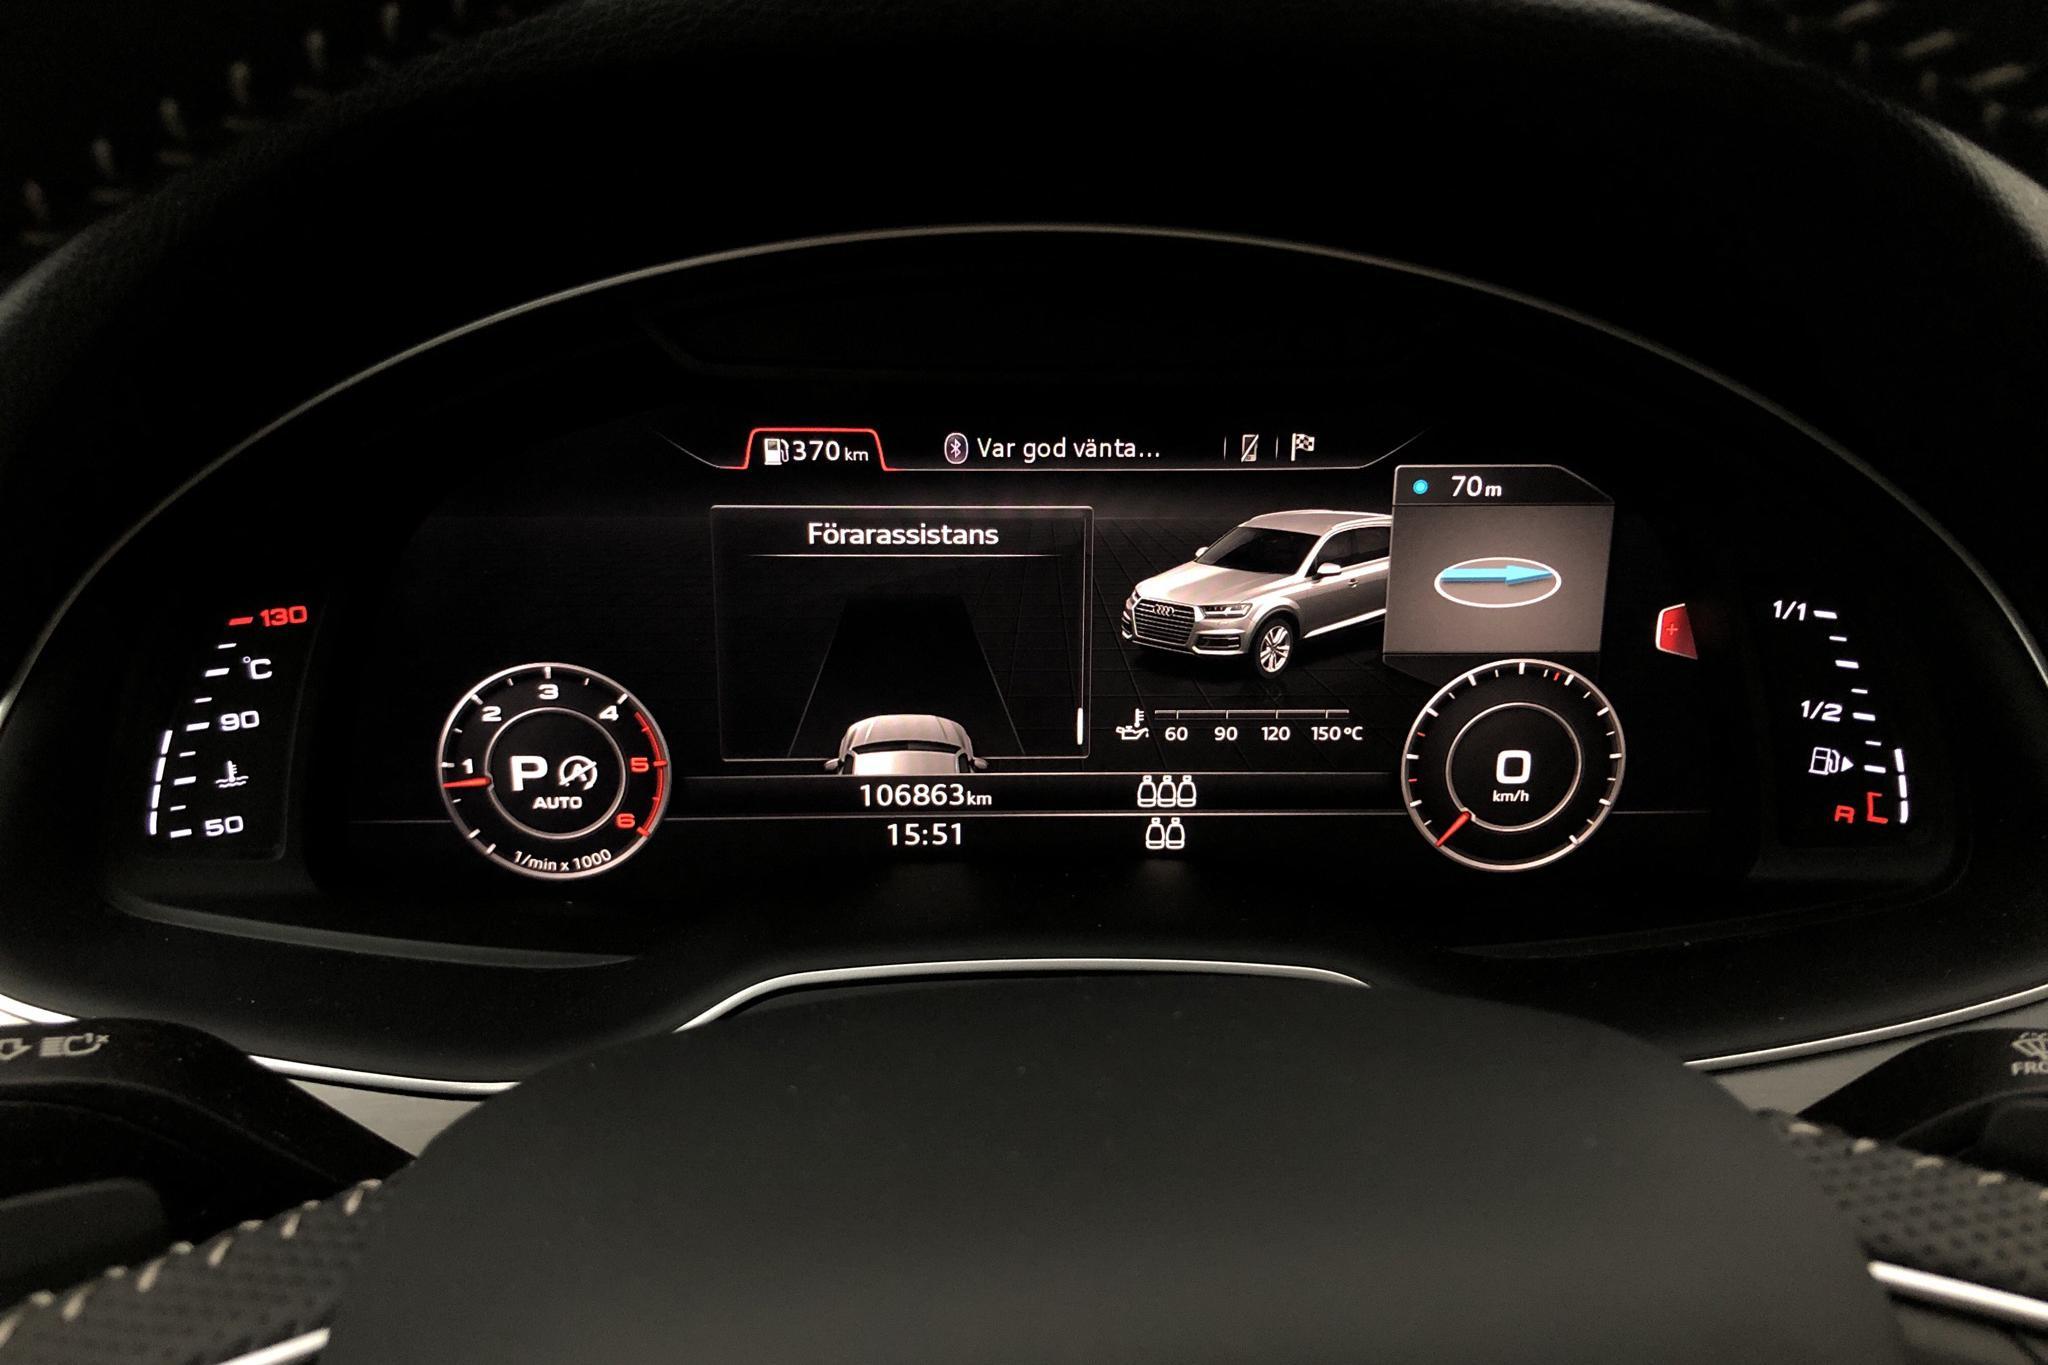 Audi Q7 3.0 TDI ultra quattro (218hk) - 106 860 km - Automatic - gray - 2018